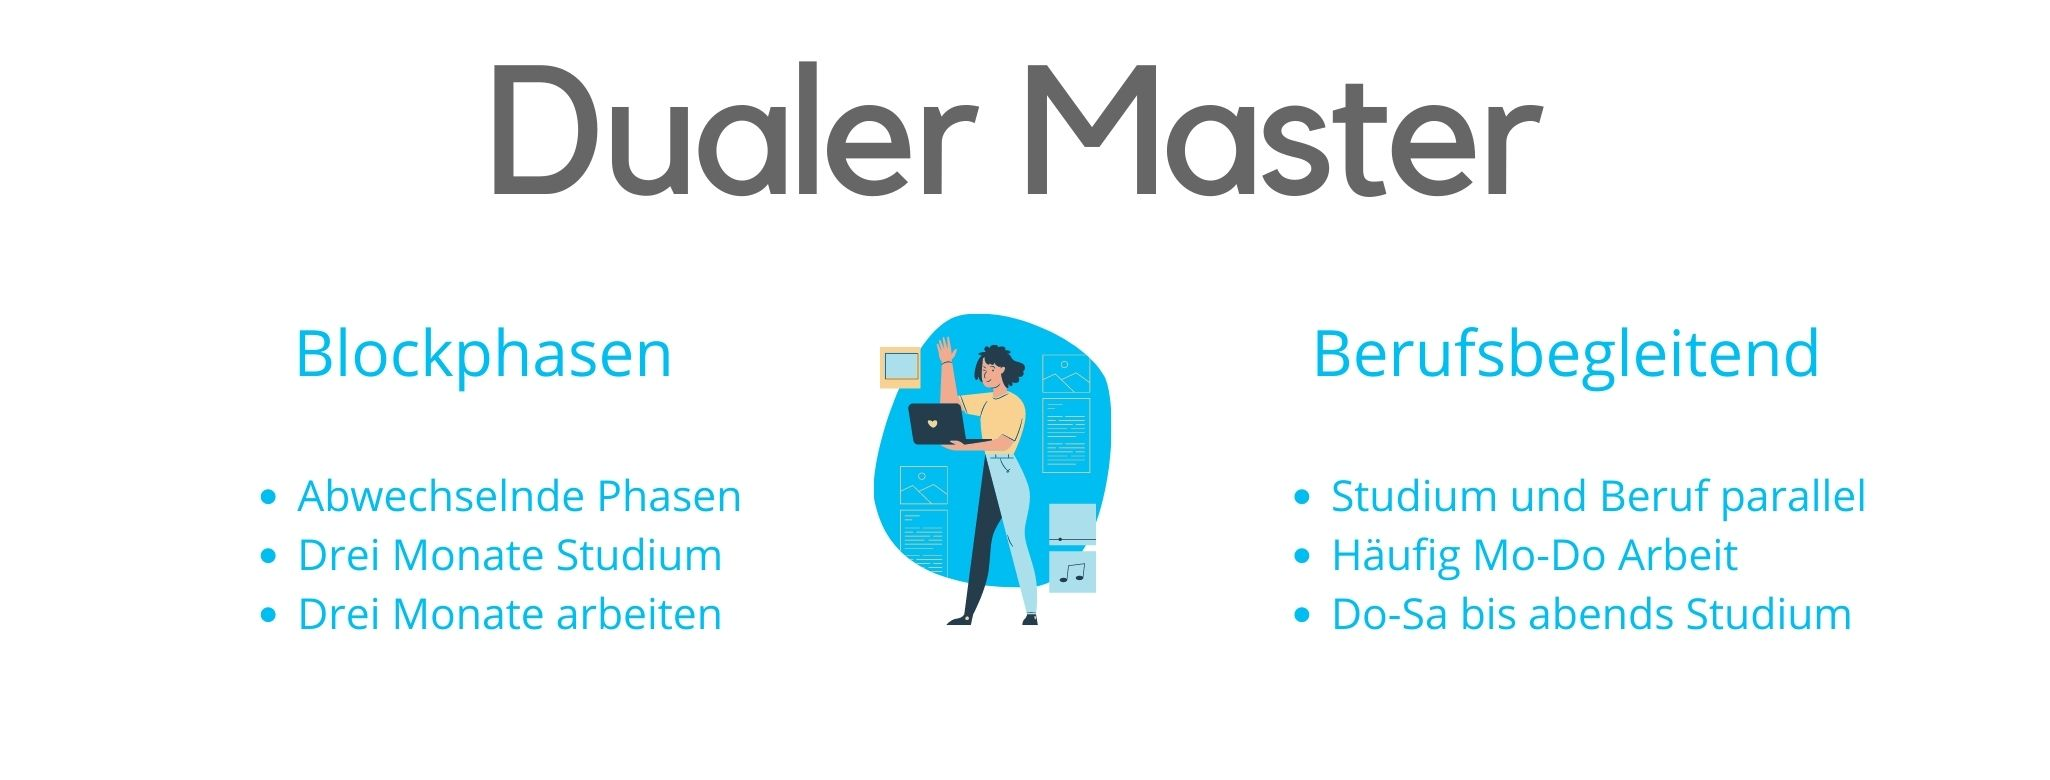 Duales Masterstudium